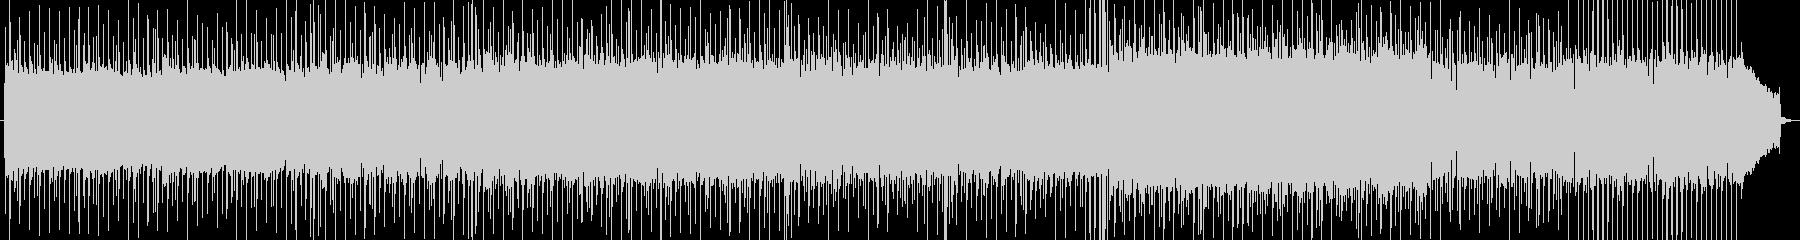 熱いロックンロールなバンドサウンドの未再生の波形